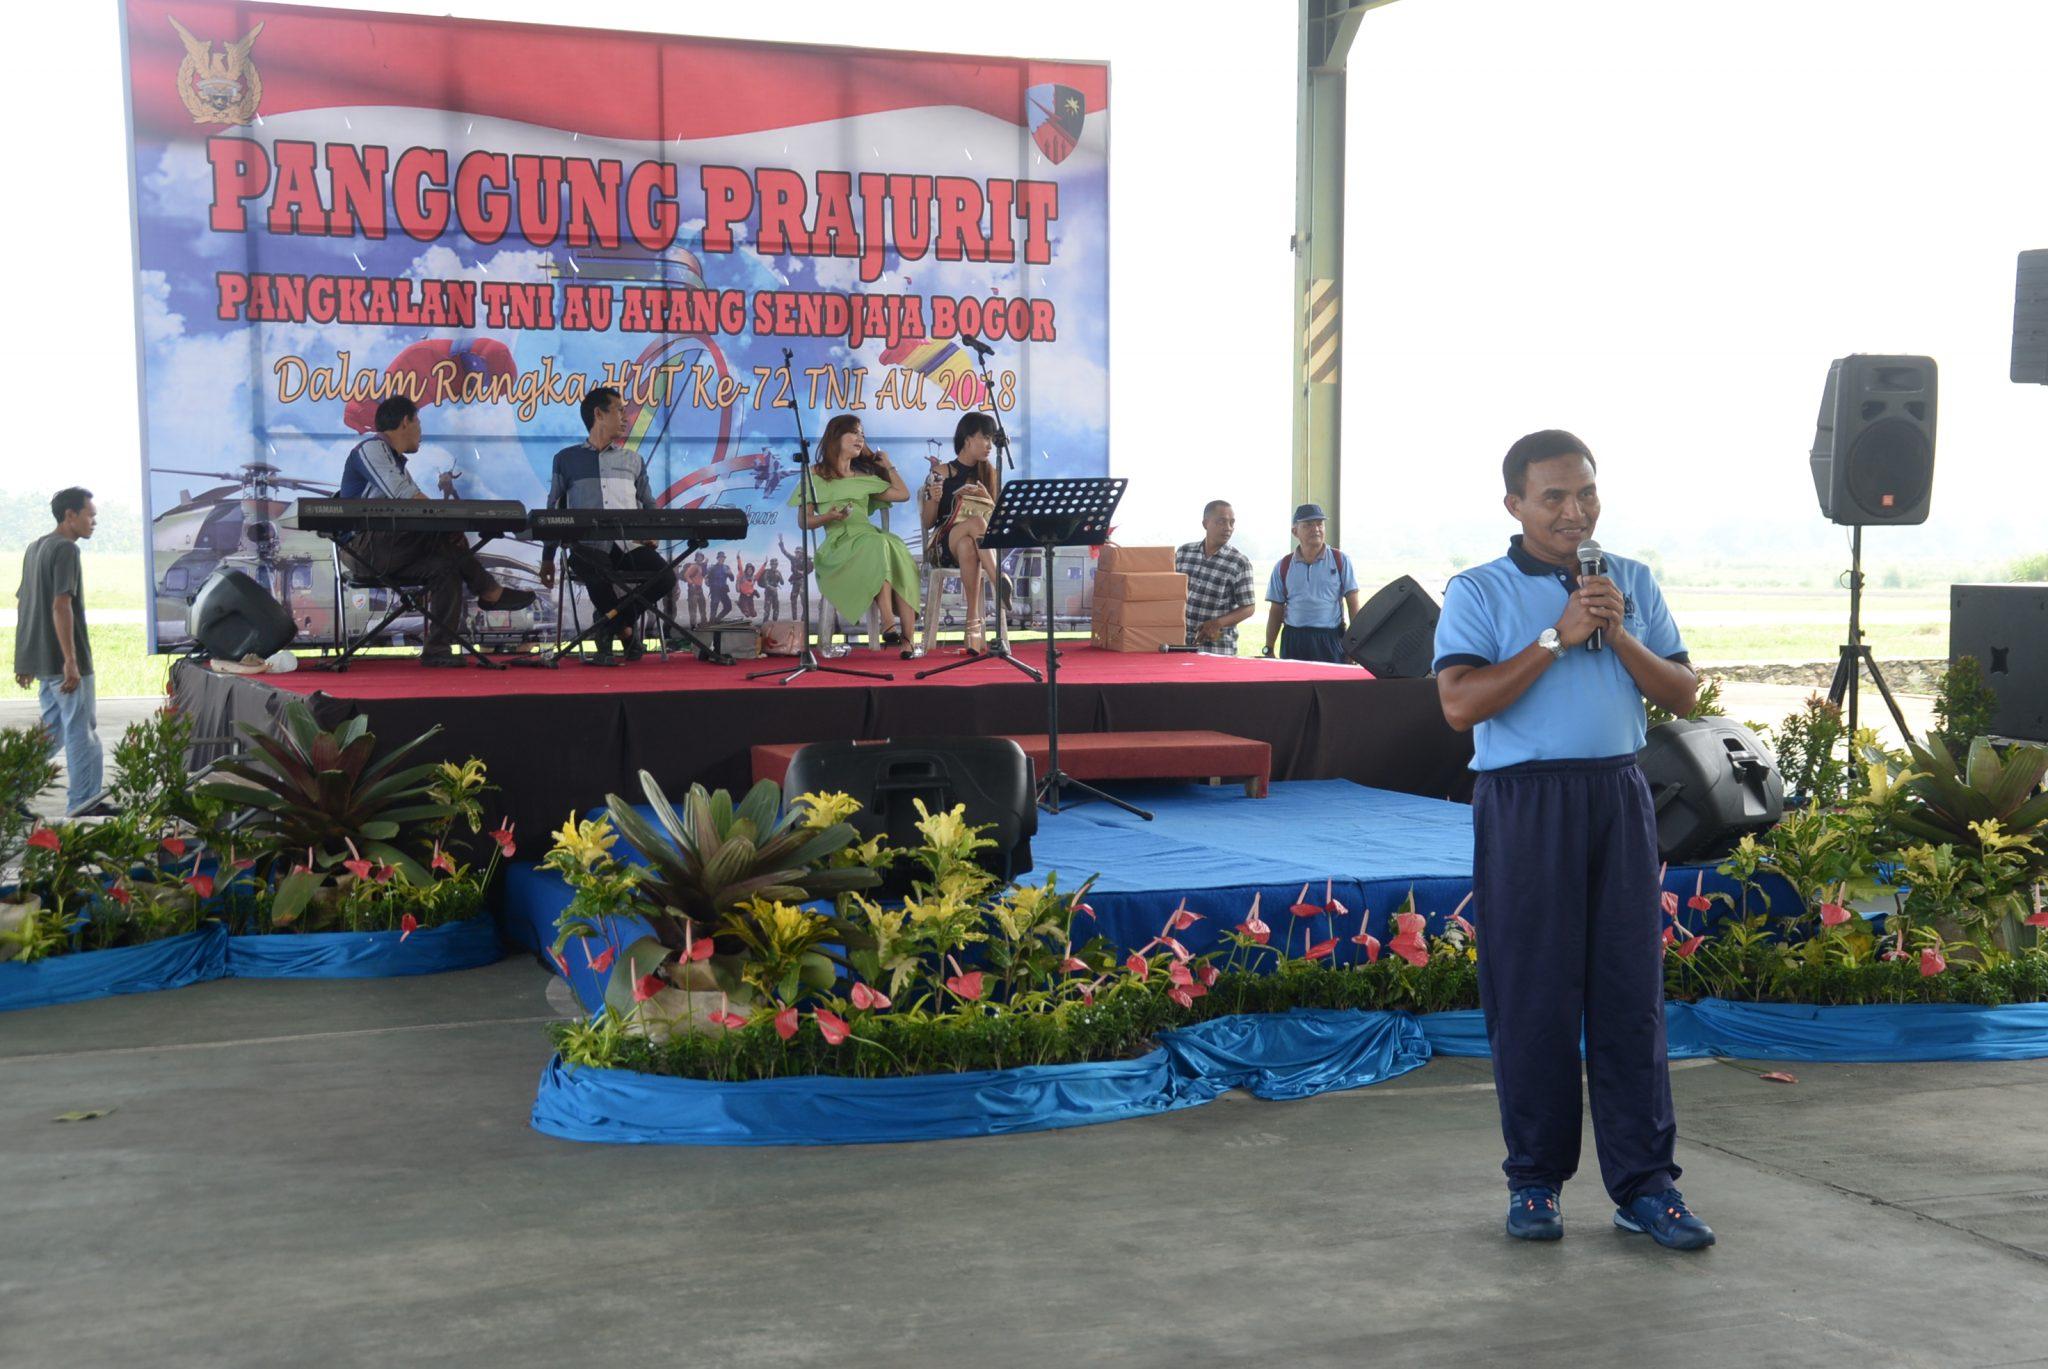 Gelar Panggung Prajurit, Danlanud Ats Apresiasi Kinerja Personel Lanud Ats